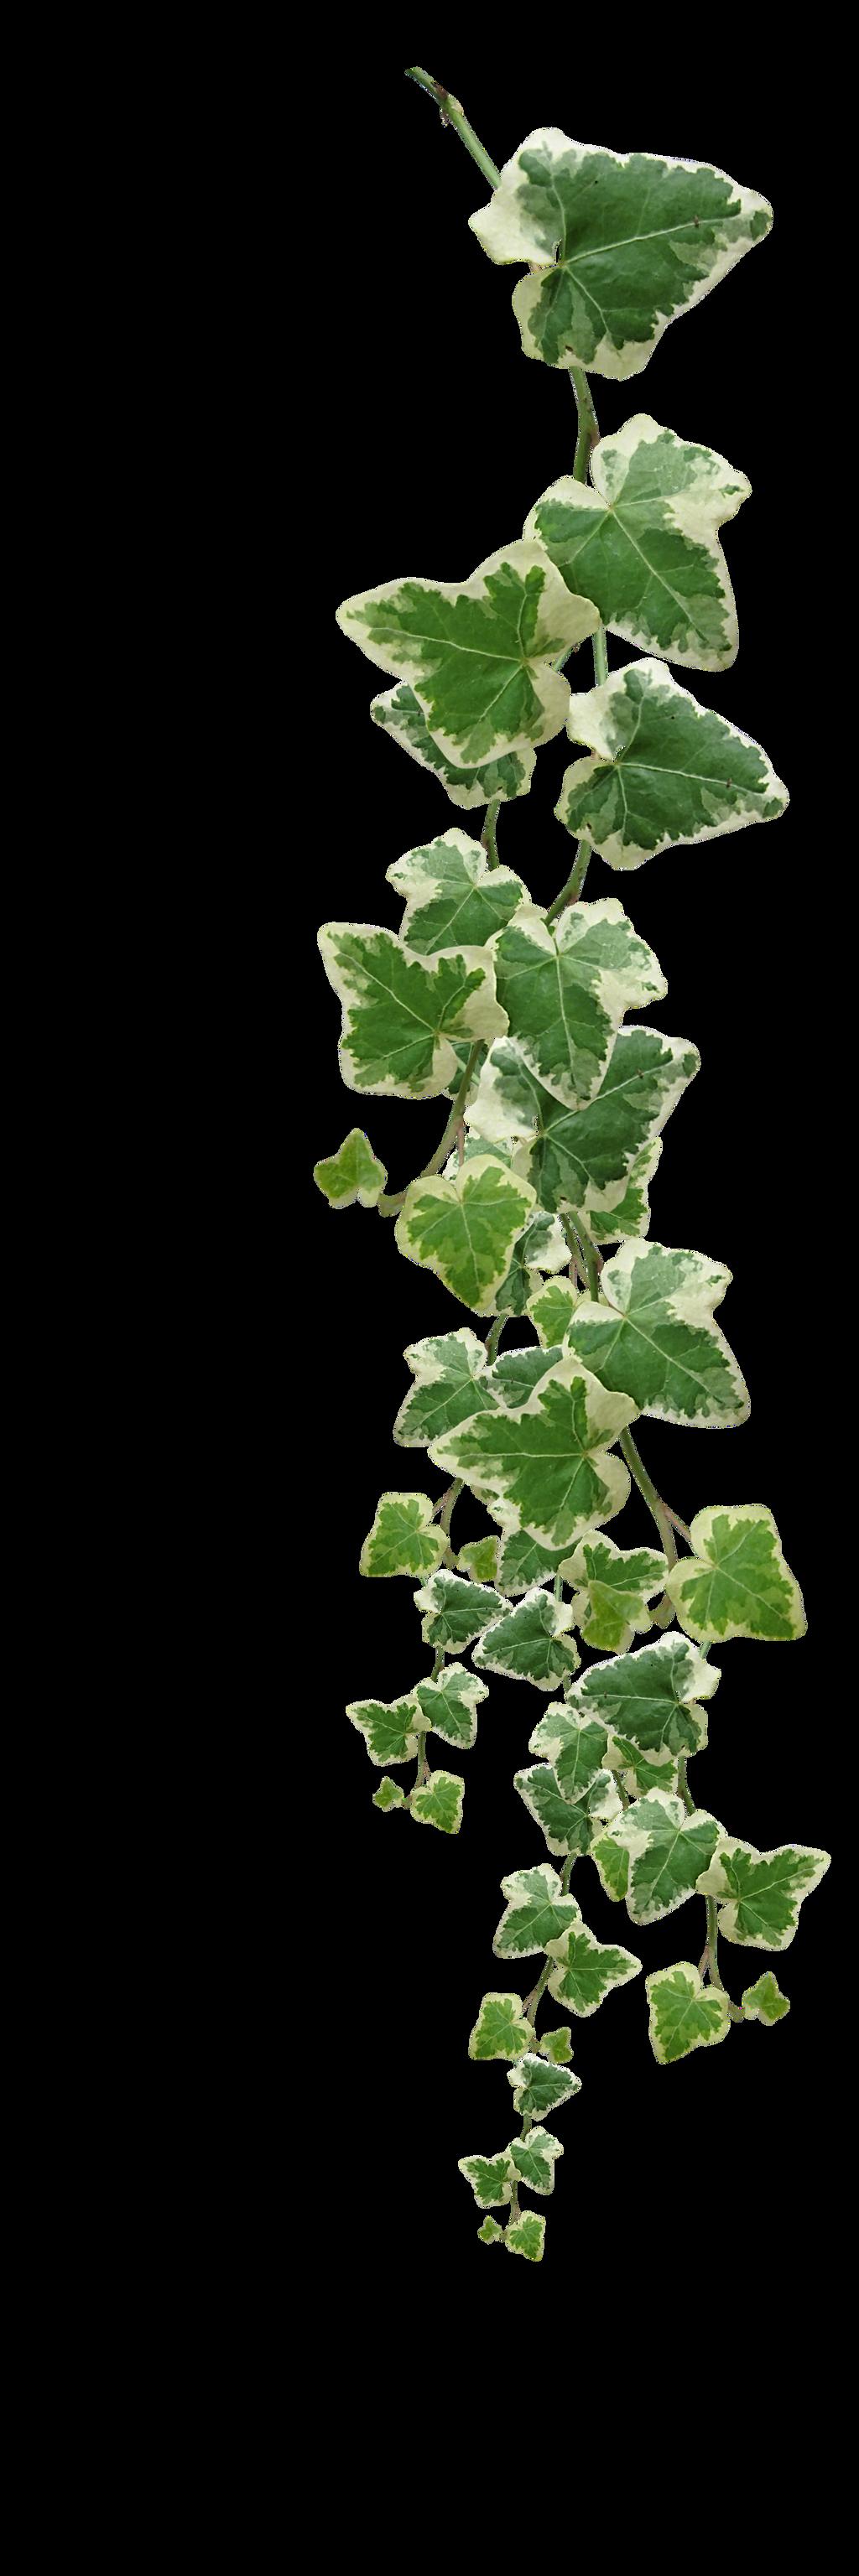 Vines Plants Png images